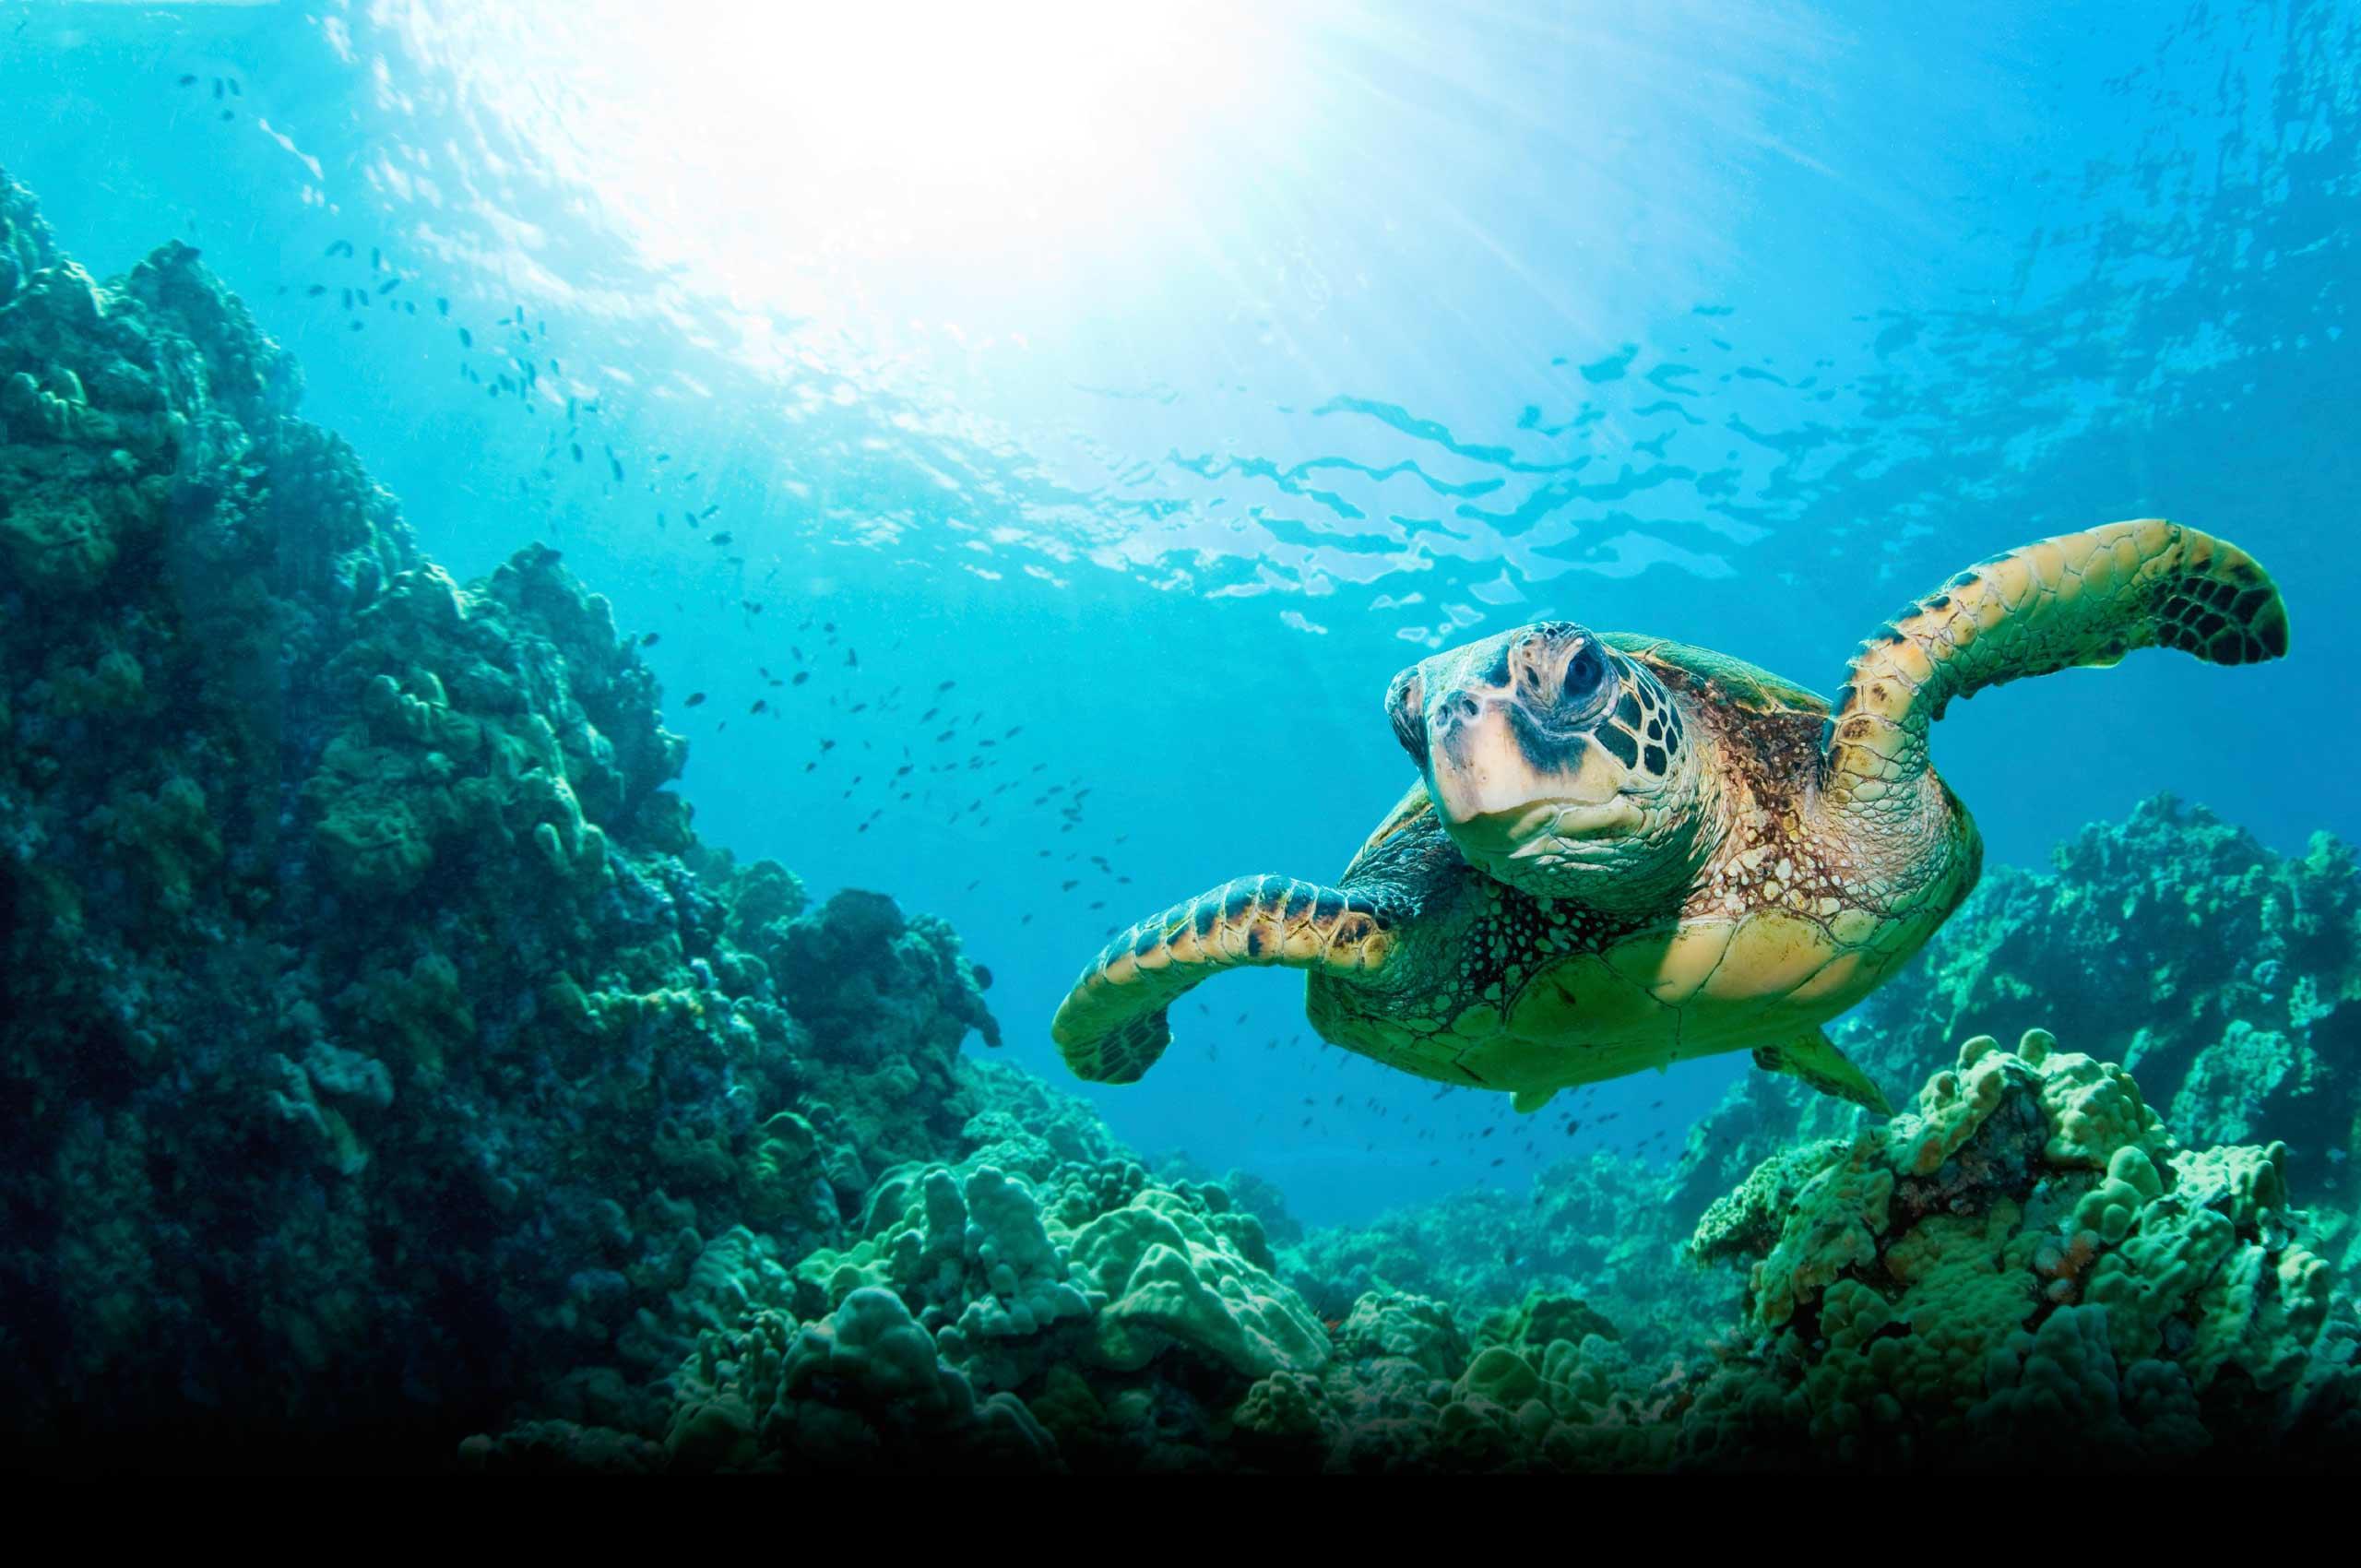 Зелена морська черепаха плаває в океані